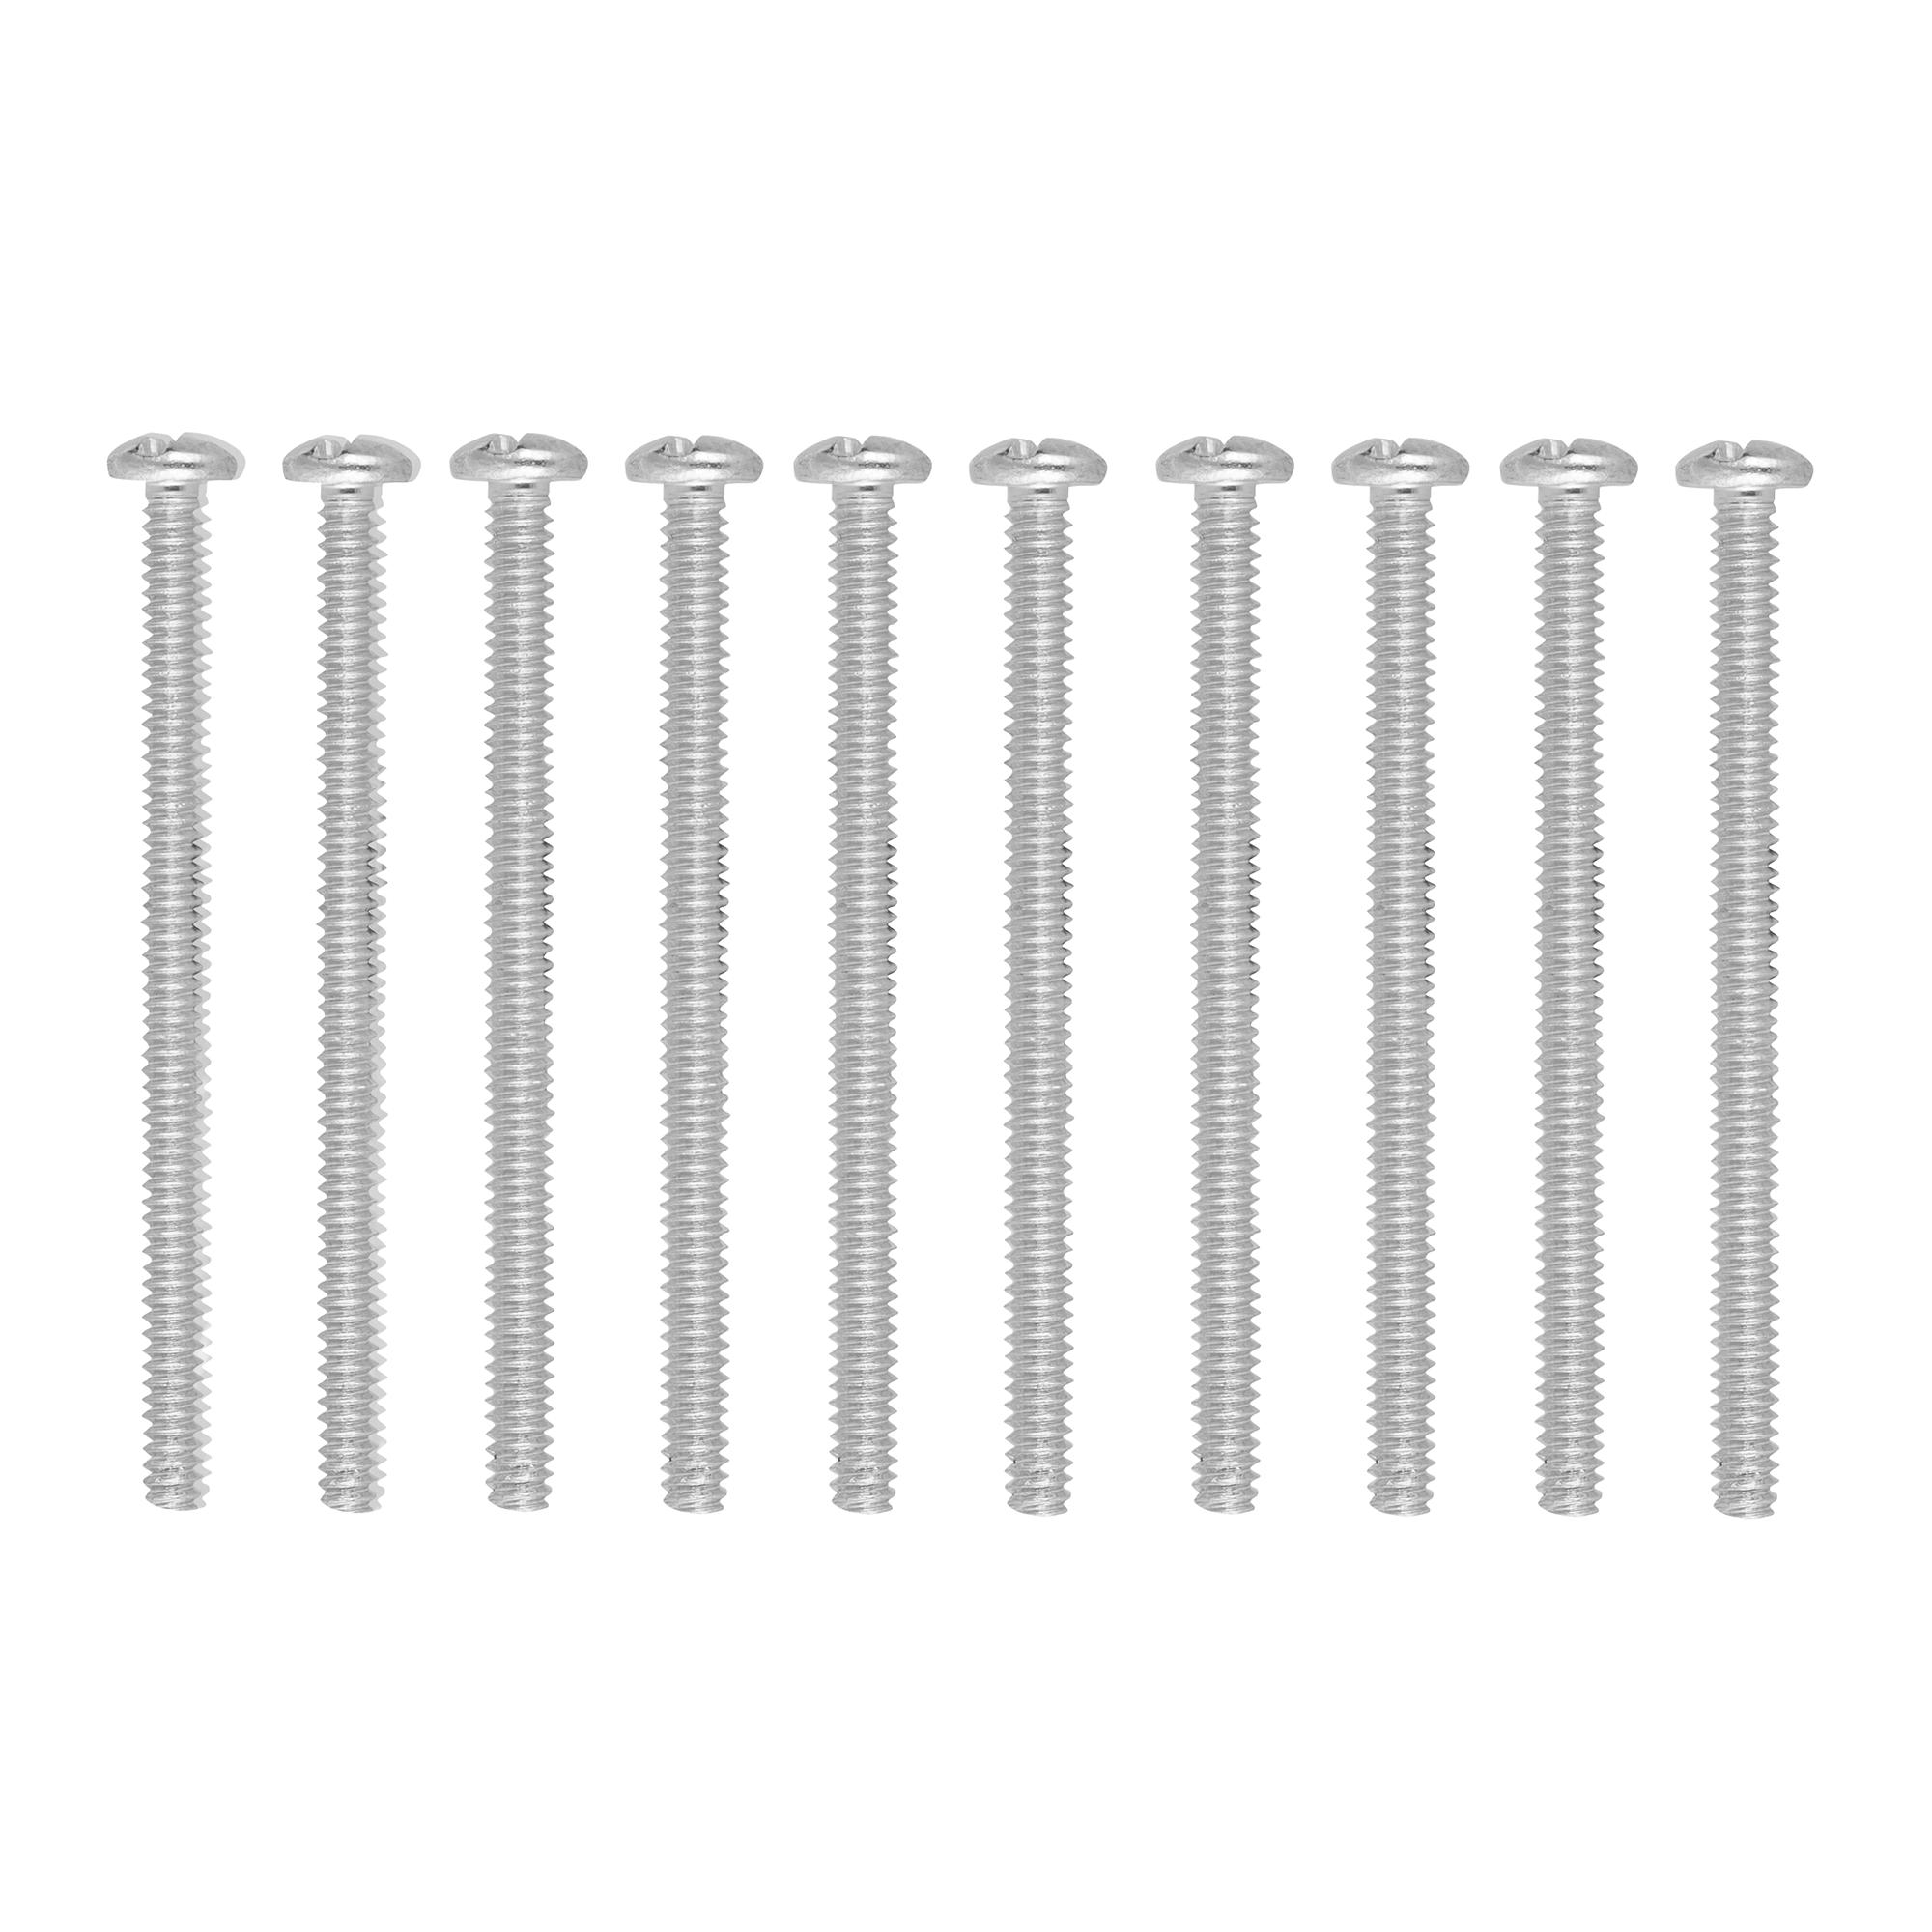 Deta mounting screws 50mm 10pk